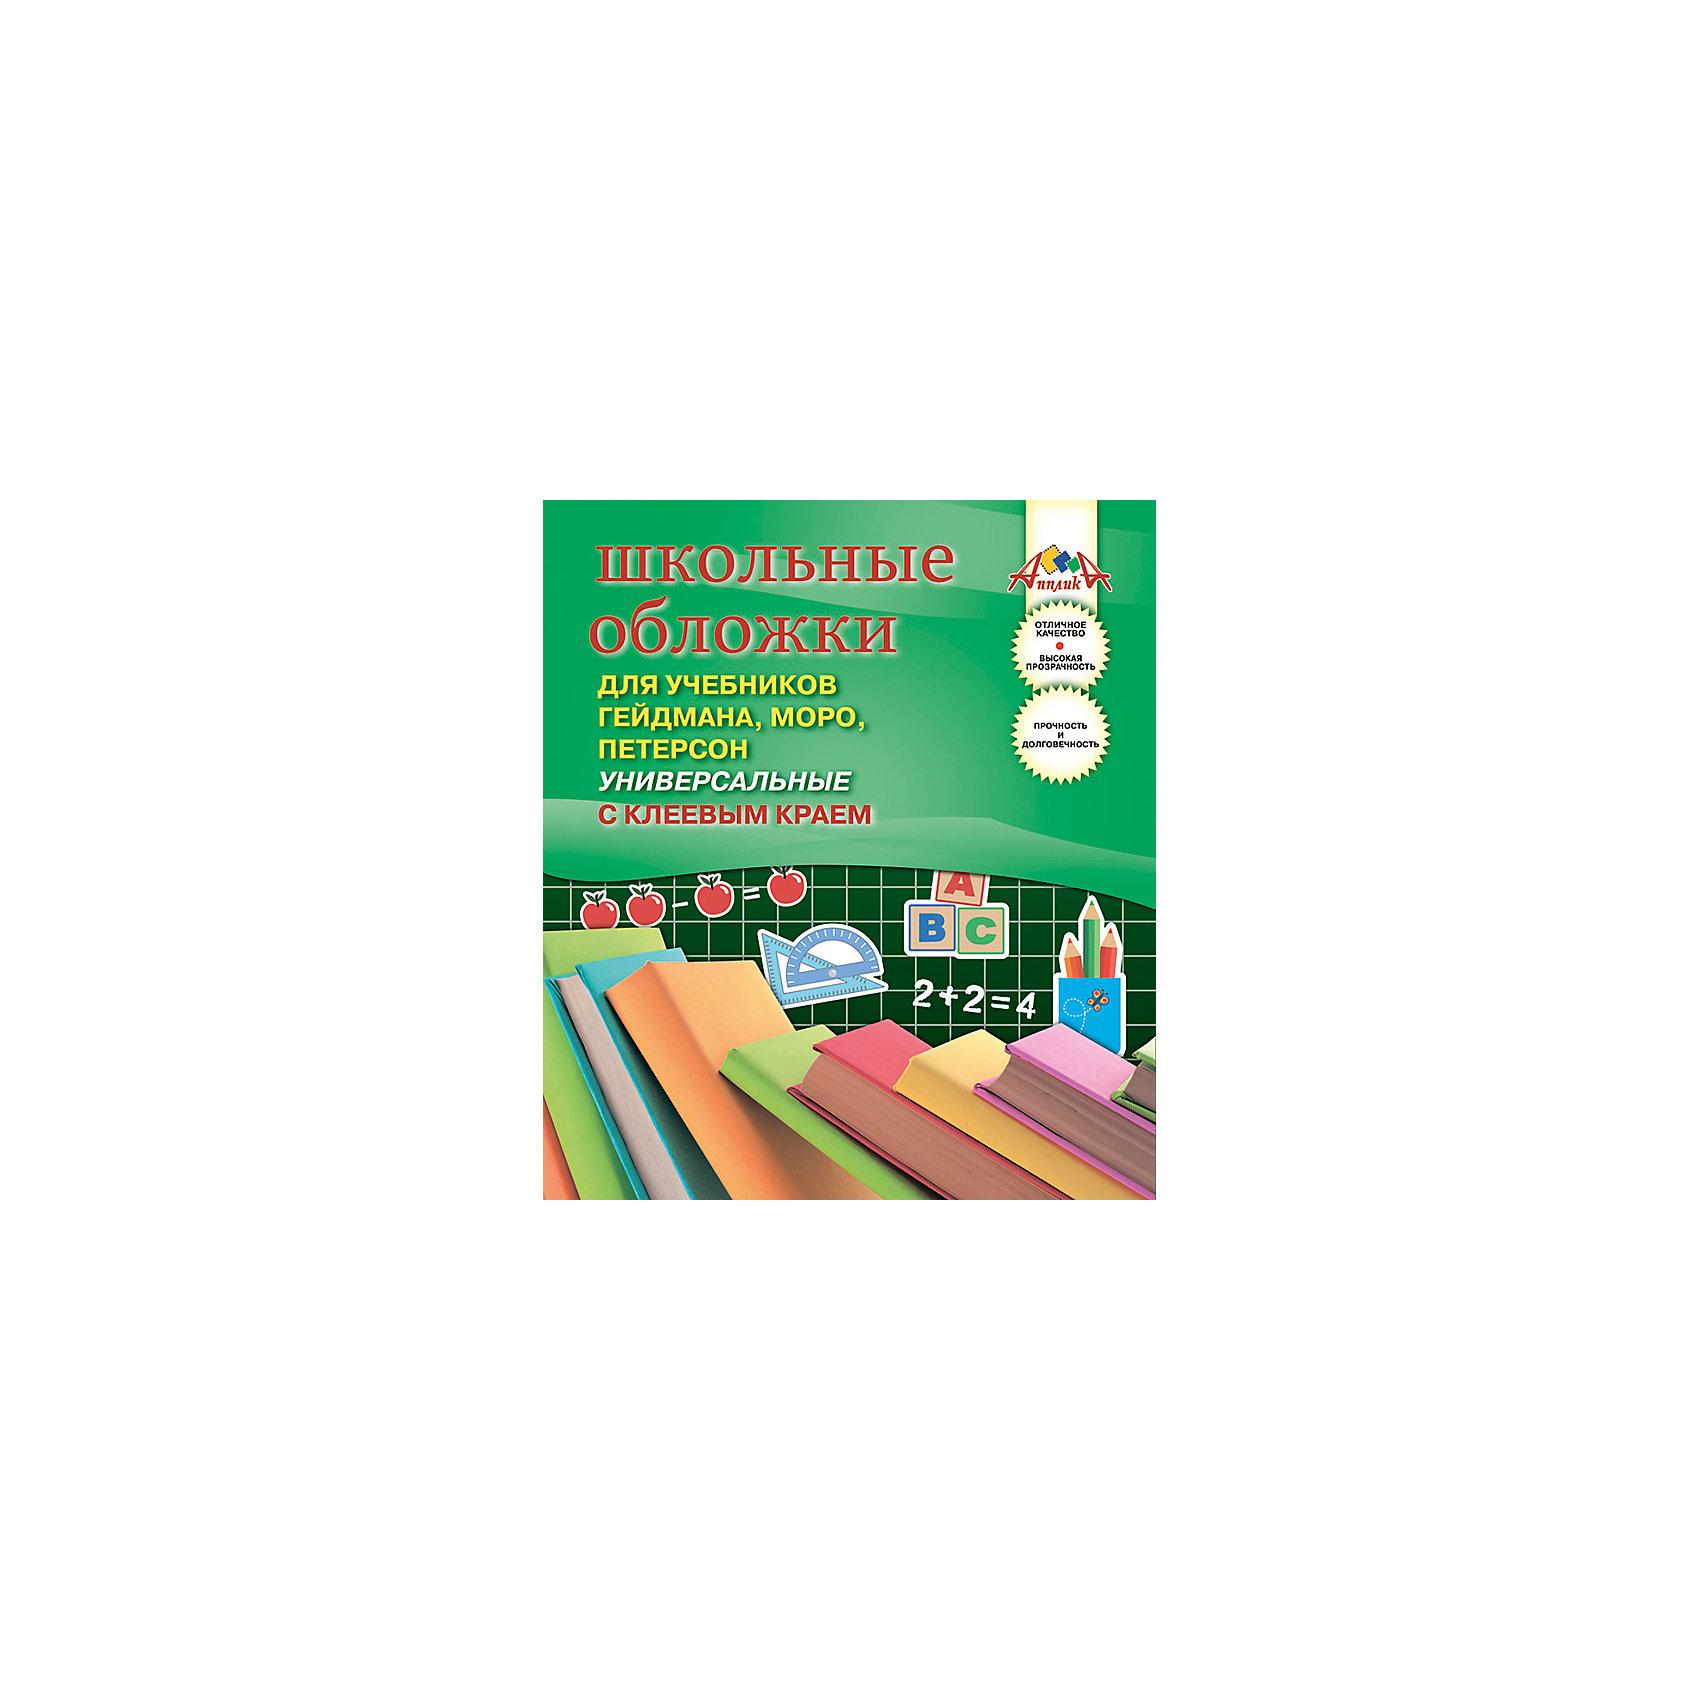 Обложки для учебников Гейдмана, Моро, Петерсона с клеевым краем, комплект 5штукШкольные аксессуары<br>Характеристики товара:<br><br>• возраст: от 6 лет;<br>• упаковка: пакет;<br>• количество в упаковки: 5 шт.;<br>• размер: 46х26,7 см.;<br>• материал: пвх;<br>• вес: 90 гр.;<br>• страна бренда: Россия;<br>• страна изготовитель: Россия.<br><br>Обложки для учебников Гейдмана, Моро, Петерсона с клеевым краем, комплект 5 штук - в наборе 5 обложек прозрачного цвета, выполненые из ПВХ плотностью 110 мкм. <br><br>Предназначены для защиты от пыли, грязи и механических повреждений, а специальный клеевой край обеспечить надежную фиксацию. Отличное качество, высокая прозрачность, прочность и долговечность - это главные преимущества этого набора. <br><br>Обложки для учебников Гейдмана, Моро, Петерсона с клеевым краем, комплект 5 штук, можно купить в нашем интернет-магазине.<br><br>Ширина мм: 240<br>Глубина мм: 230<br>Высота мм: 2<br>Вес г: 90<br>Возраст от месяцев: 36<br>Возраст до месяцев: 216<br>Пол: Унисекс<br>Возраст: Детский<br>SKU: 6992585